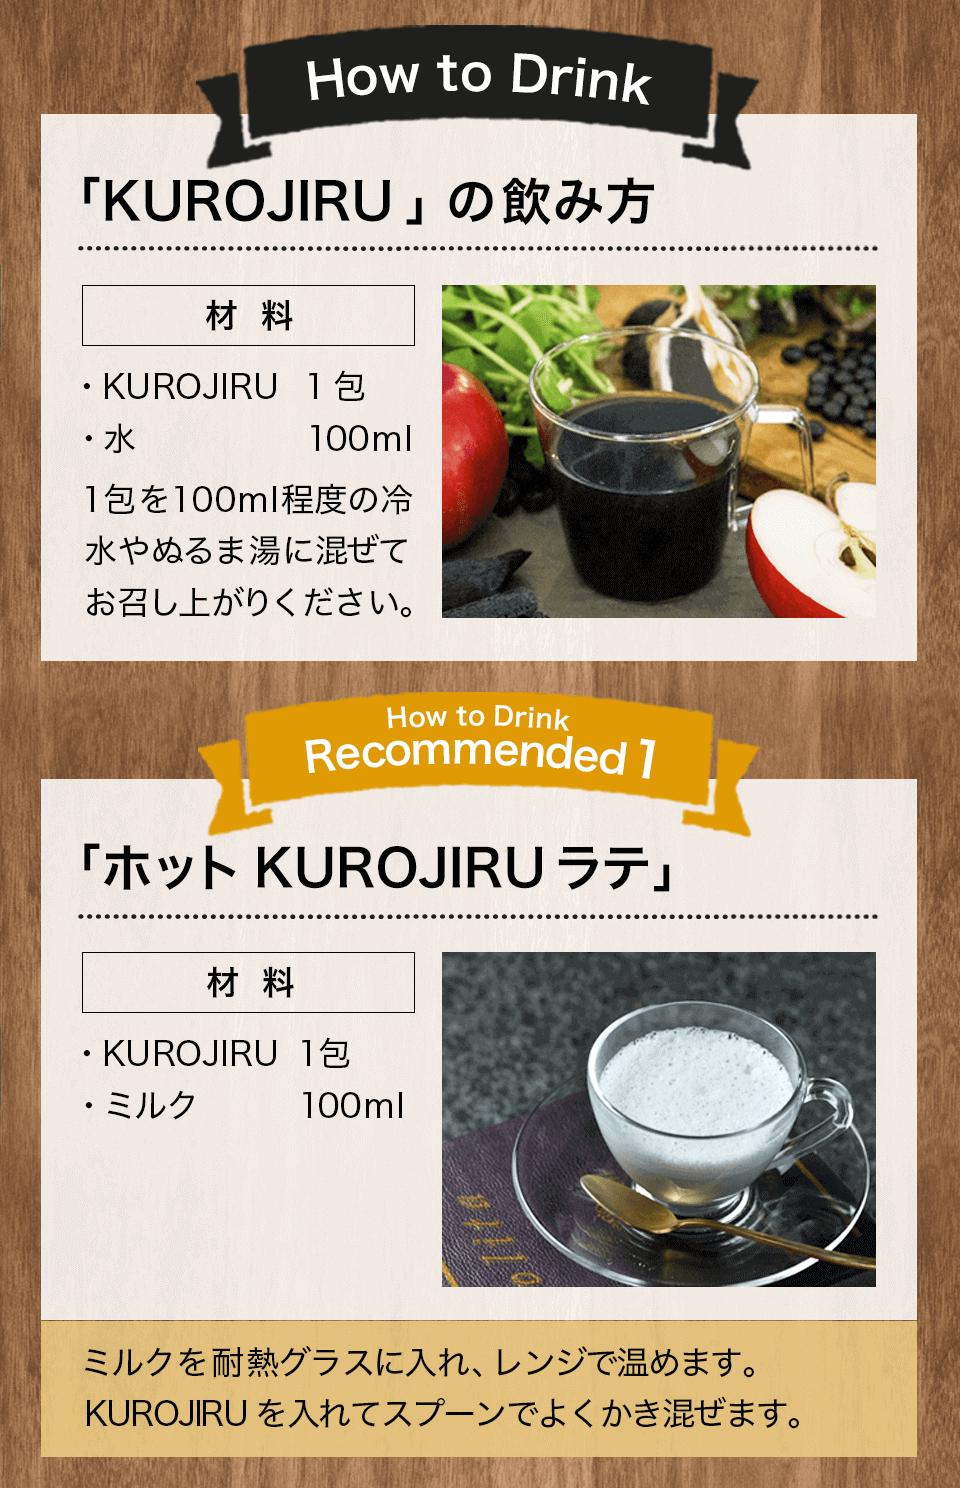 KUROJIRUの飲み方 ホットKUROJIRUラテの作り方